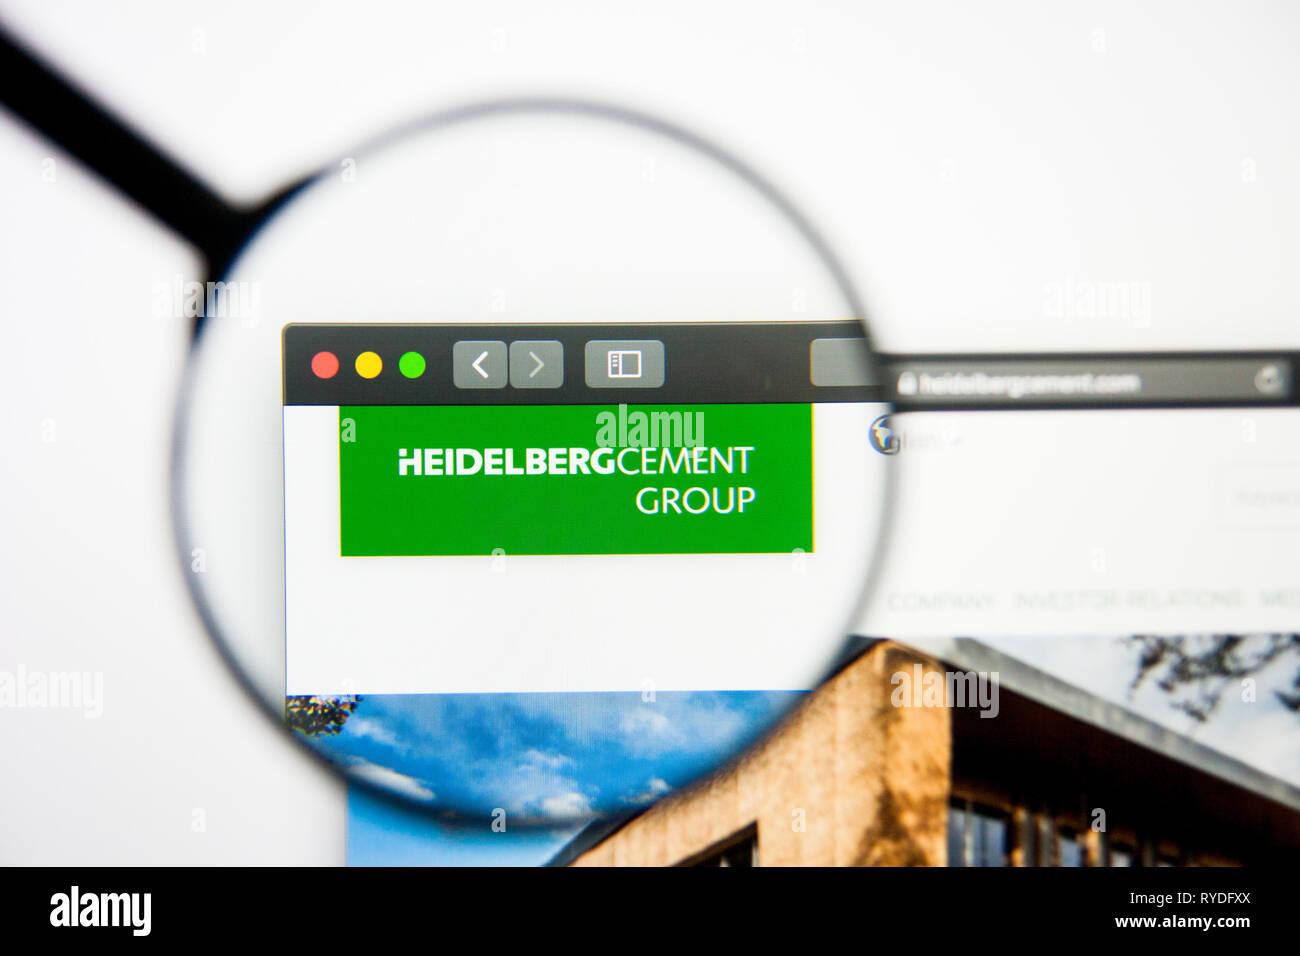 Los Angeles, Kalifornien, USA - 5. März 2019: HeidelbergCement Homepage. HeidelbergCement Logo sichtbar auf dem Display, Illustrative Stockbild